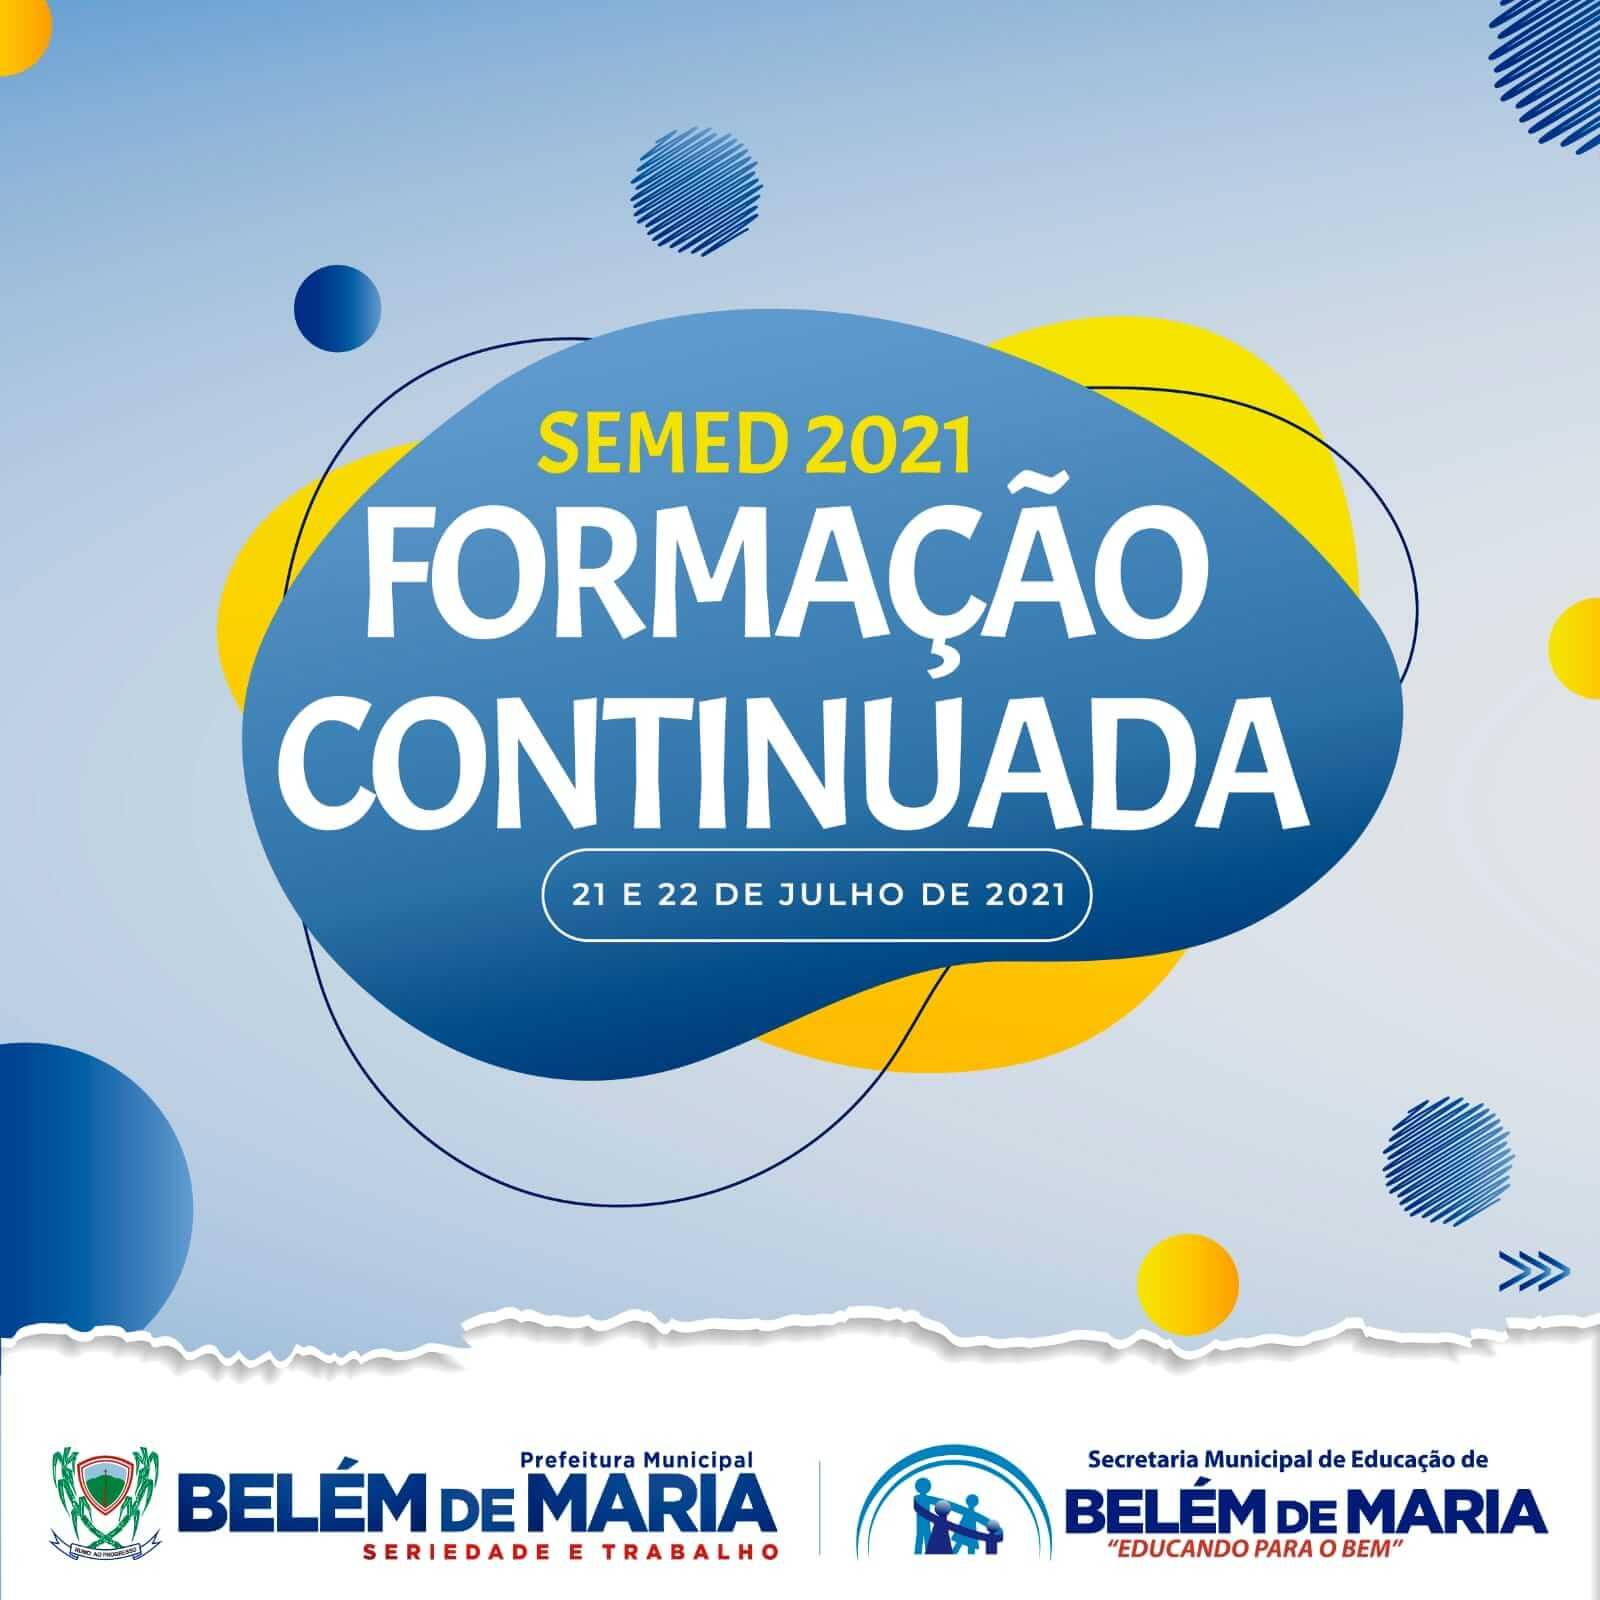 MUNICÍPIO DE BELÉM DE MARIA REALIZA FORMAÇÃO CONTINUADA PARA OS PROFESSORES DA REDE MUNICIPAL DE ENSINO